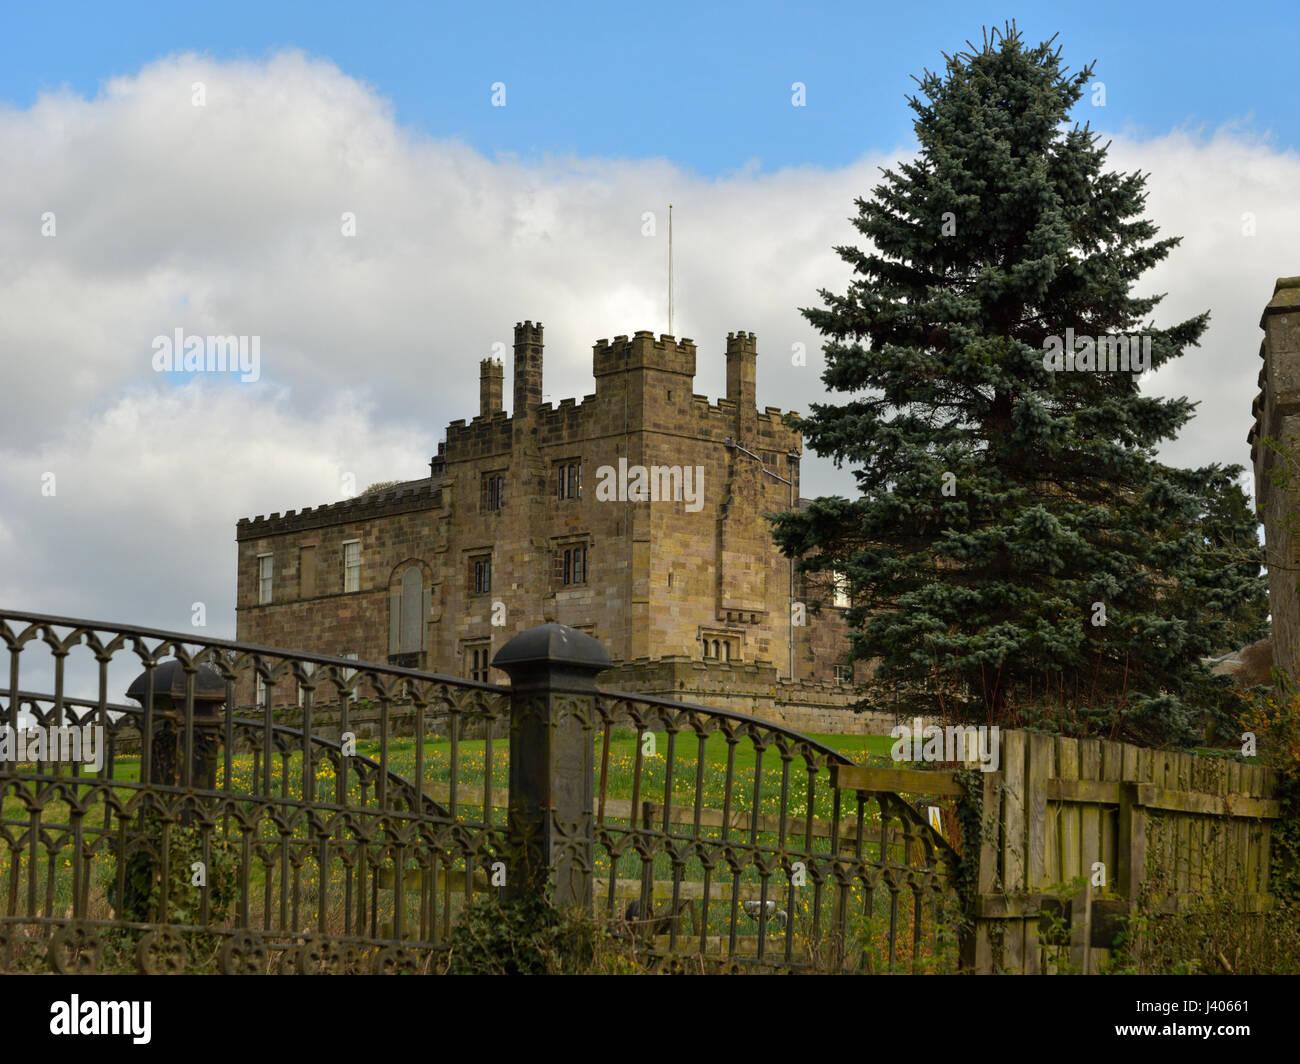 Ripley Castle Banque D'Images